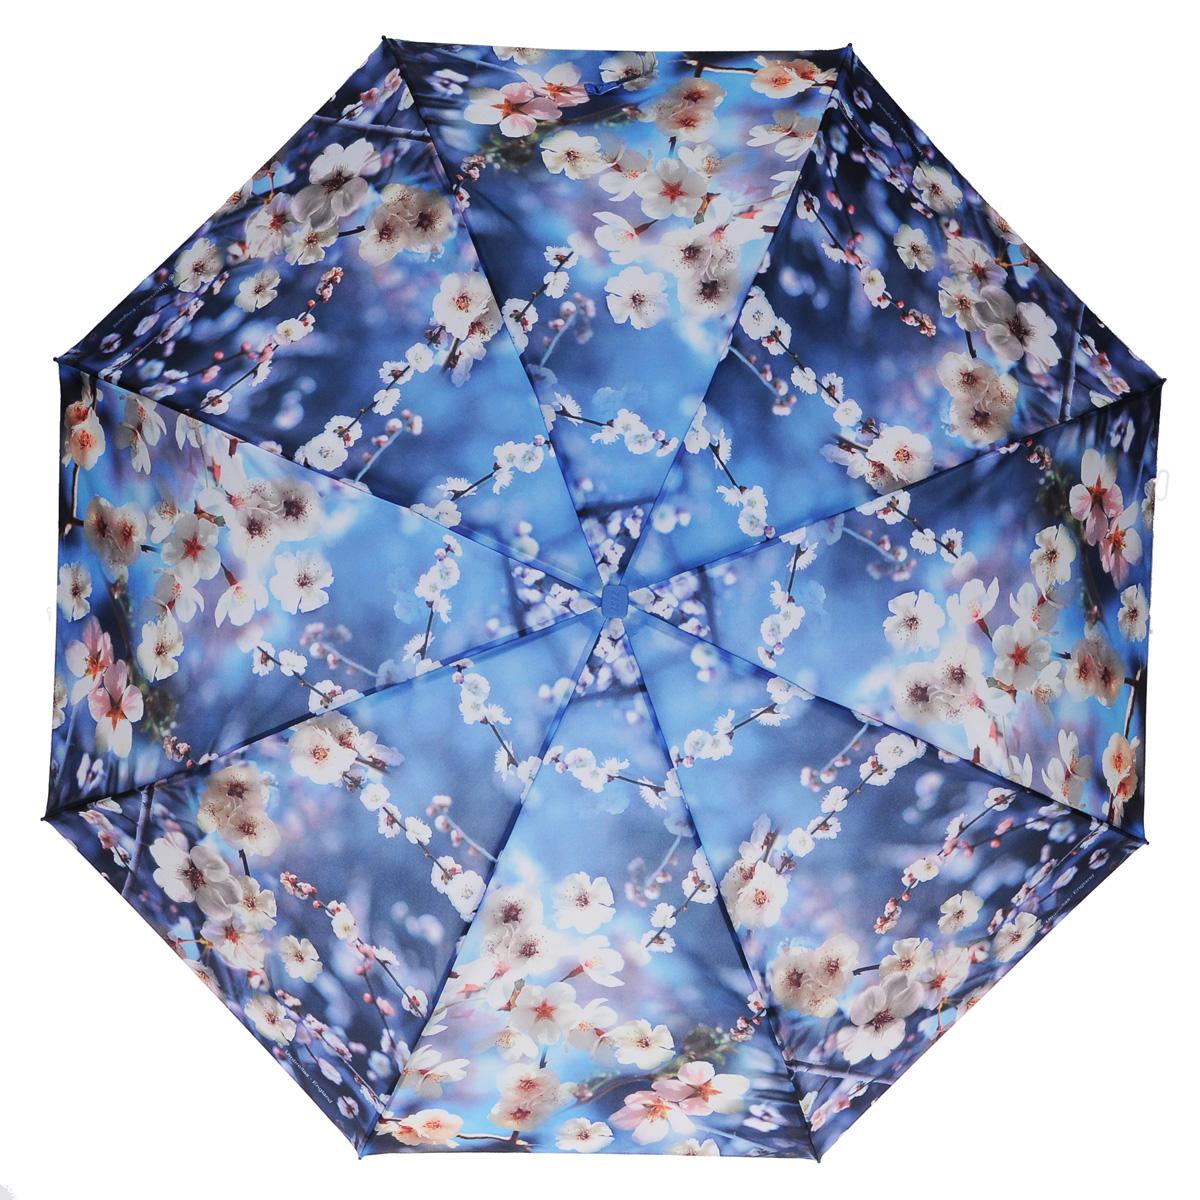 Зонт женский Zest, автомат, 3 сложения, цвет: синий, белый. 23815-117323815-1173Модный автоматический зонт Zest в 3 сложения изготовлен из высокопрочных материалов. Каркас зонта состоит из 8 спиц из фибергласса и прочного алюминиевого стержня. Специальная система Windproof защищает его от поломок во время сильных порывов ветра. Купол зонта выполнен из прочного полиэстера с водоотталкивающей пропиткой и оформлен цветочным принтом. Используемые высококачественные красители обеспечивают длительное сохранение свойств ткани купола. Рукоятка, разработанная с учетом требований эргономики, выполнена из пластика синего цвета. Зонт имеет полный автоматический механизм сложения: купол открывается и закрывается нажатием кнопки на рукоятке, стержень складывается вручную до характерного щелчка. Благодаря этому открыть и закрыть зонт можно одной рукой, что чрезвычайно удобно при входе в транспорт или помещение. Небольшой шнурок, расположенный на рукоятке, позволяет надеть изделие на руку при необходимости. Модель закрывается при помощи ремня на липучке. К зонту...